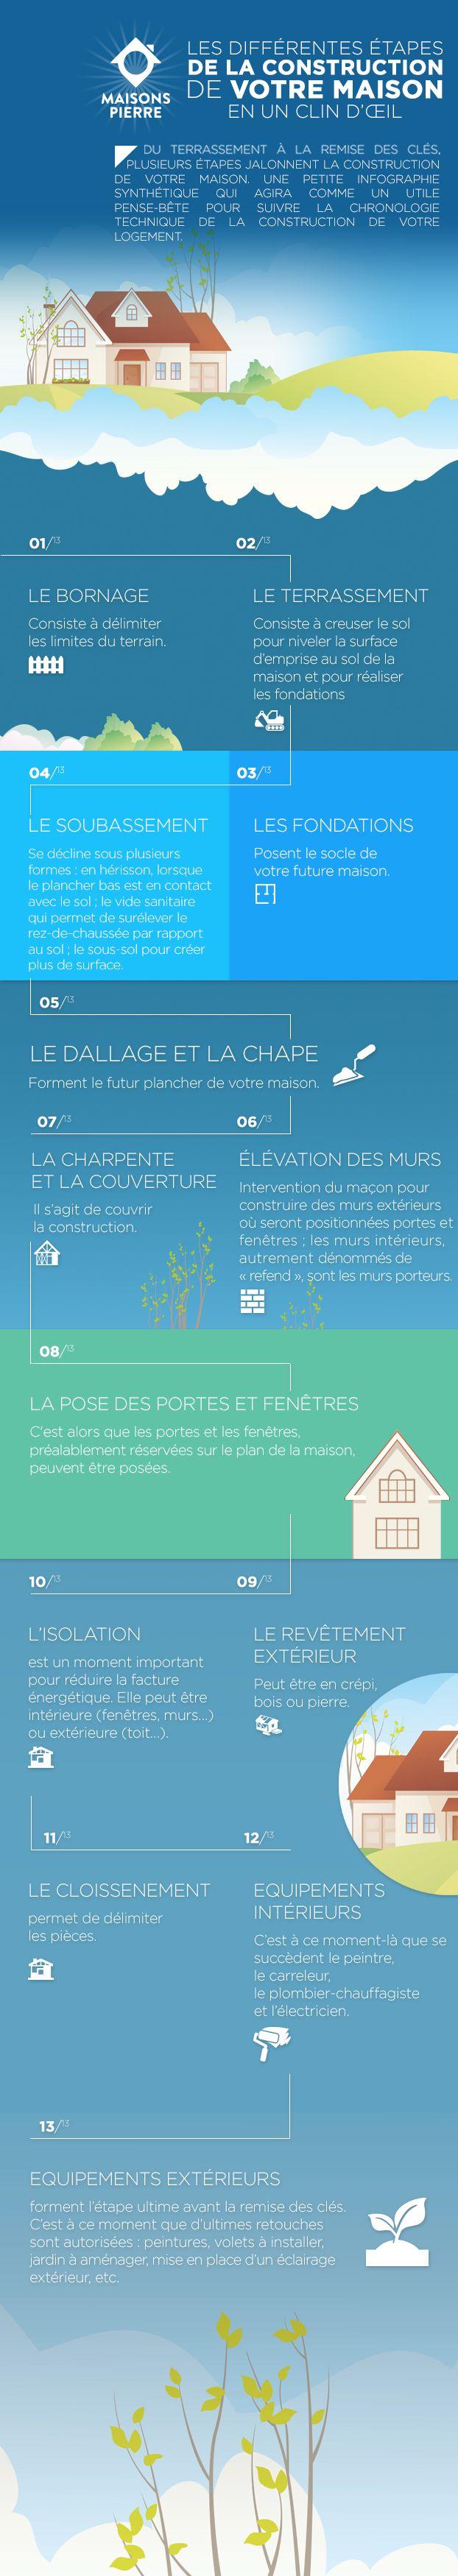 Les différentes étapes de la construction de votre maison - Immo Neuf | La Vie Immo Neuf